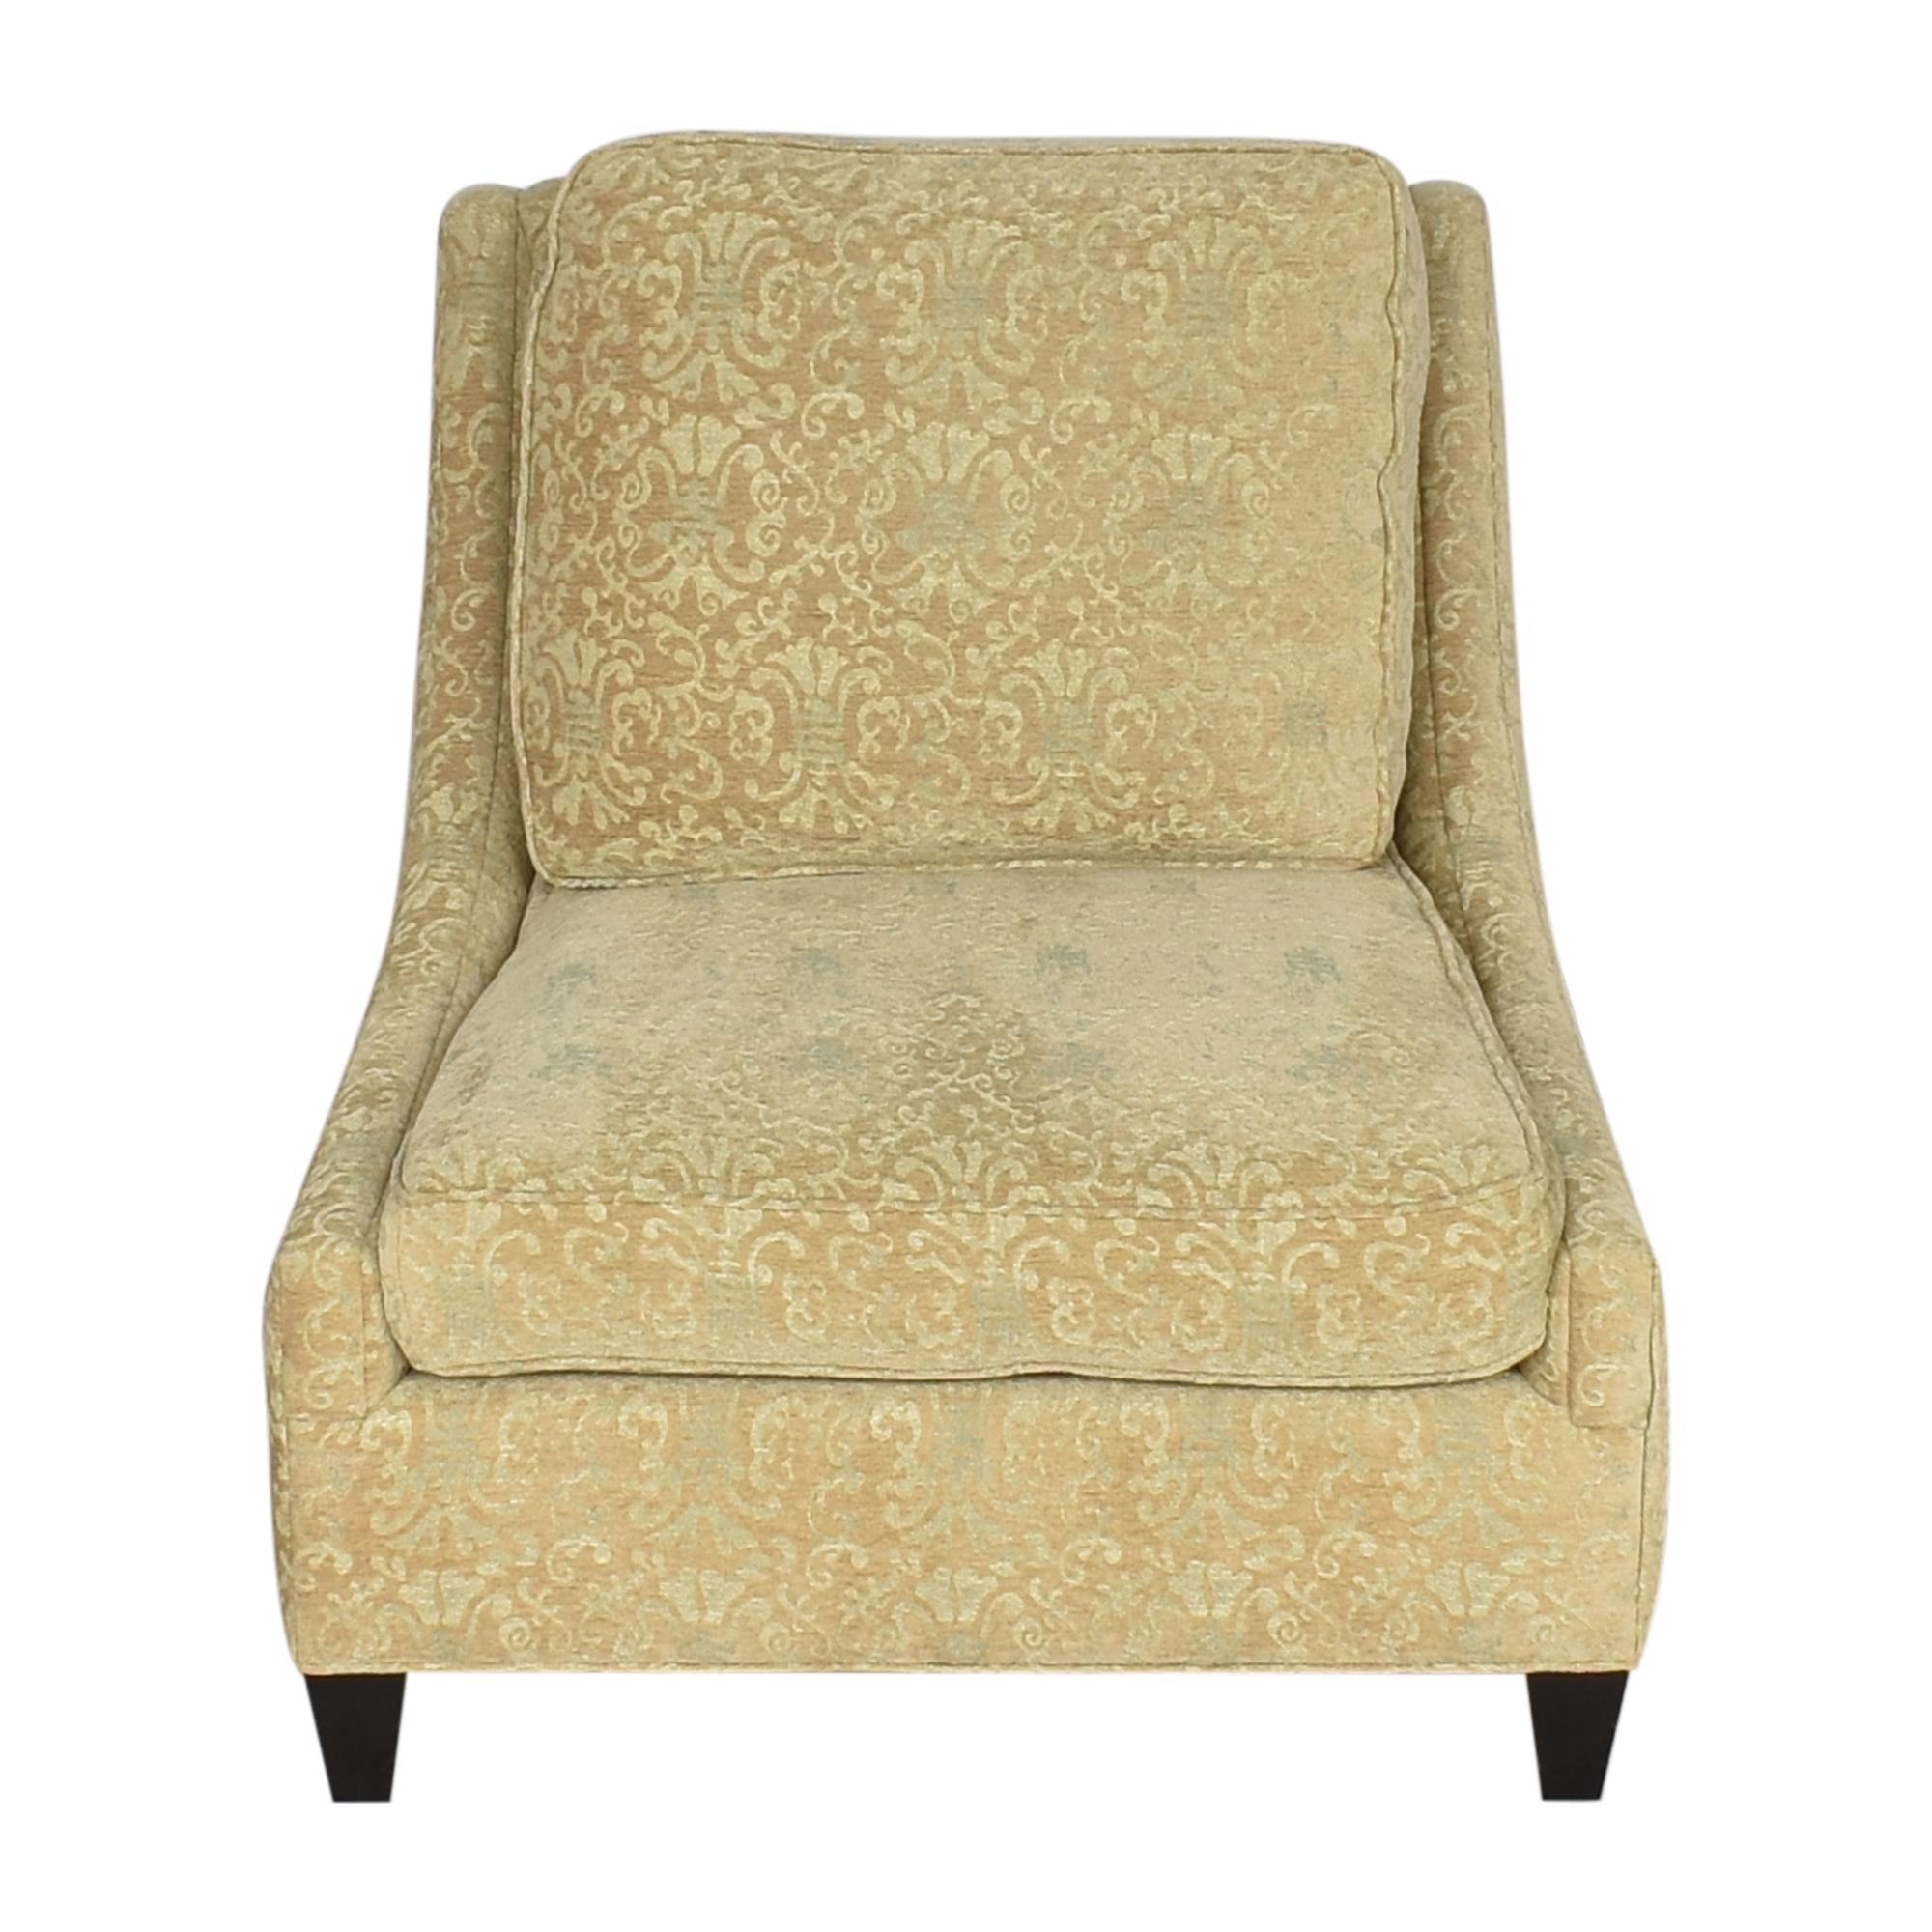 Stewart Furniture Stewart Furniture Slipper Chair nyc